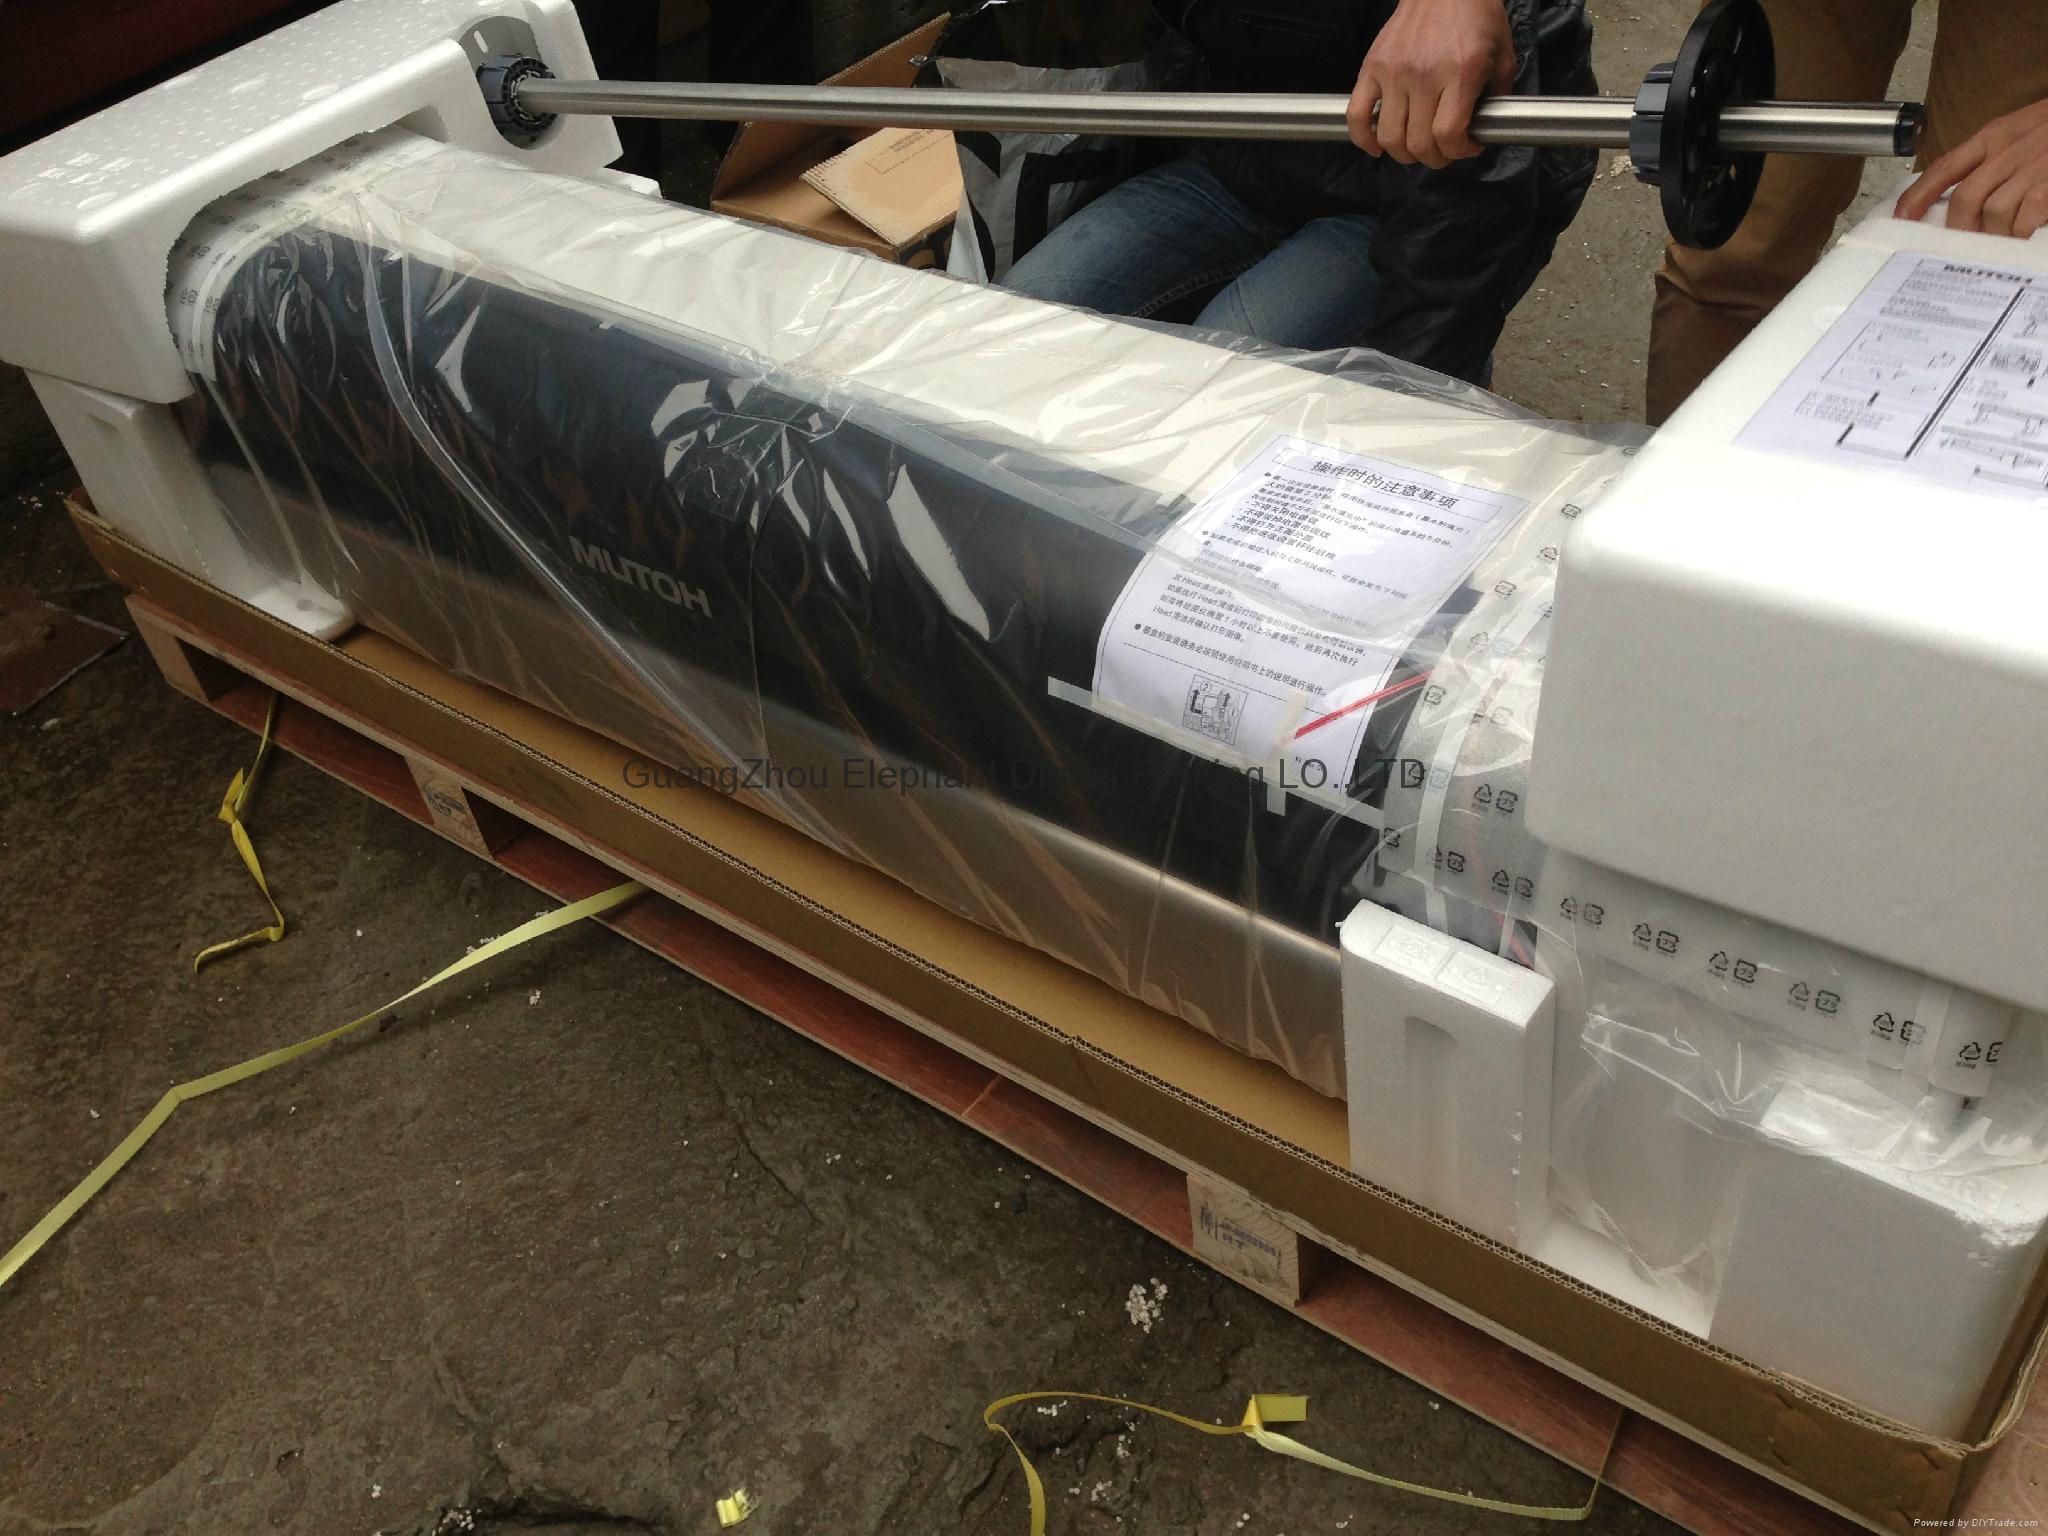 1.2米寬幅熱昇華打印機 120CM寬幅熱轉印打印機 MUTOH 900x 17